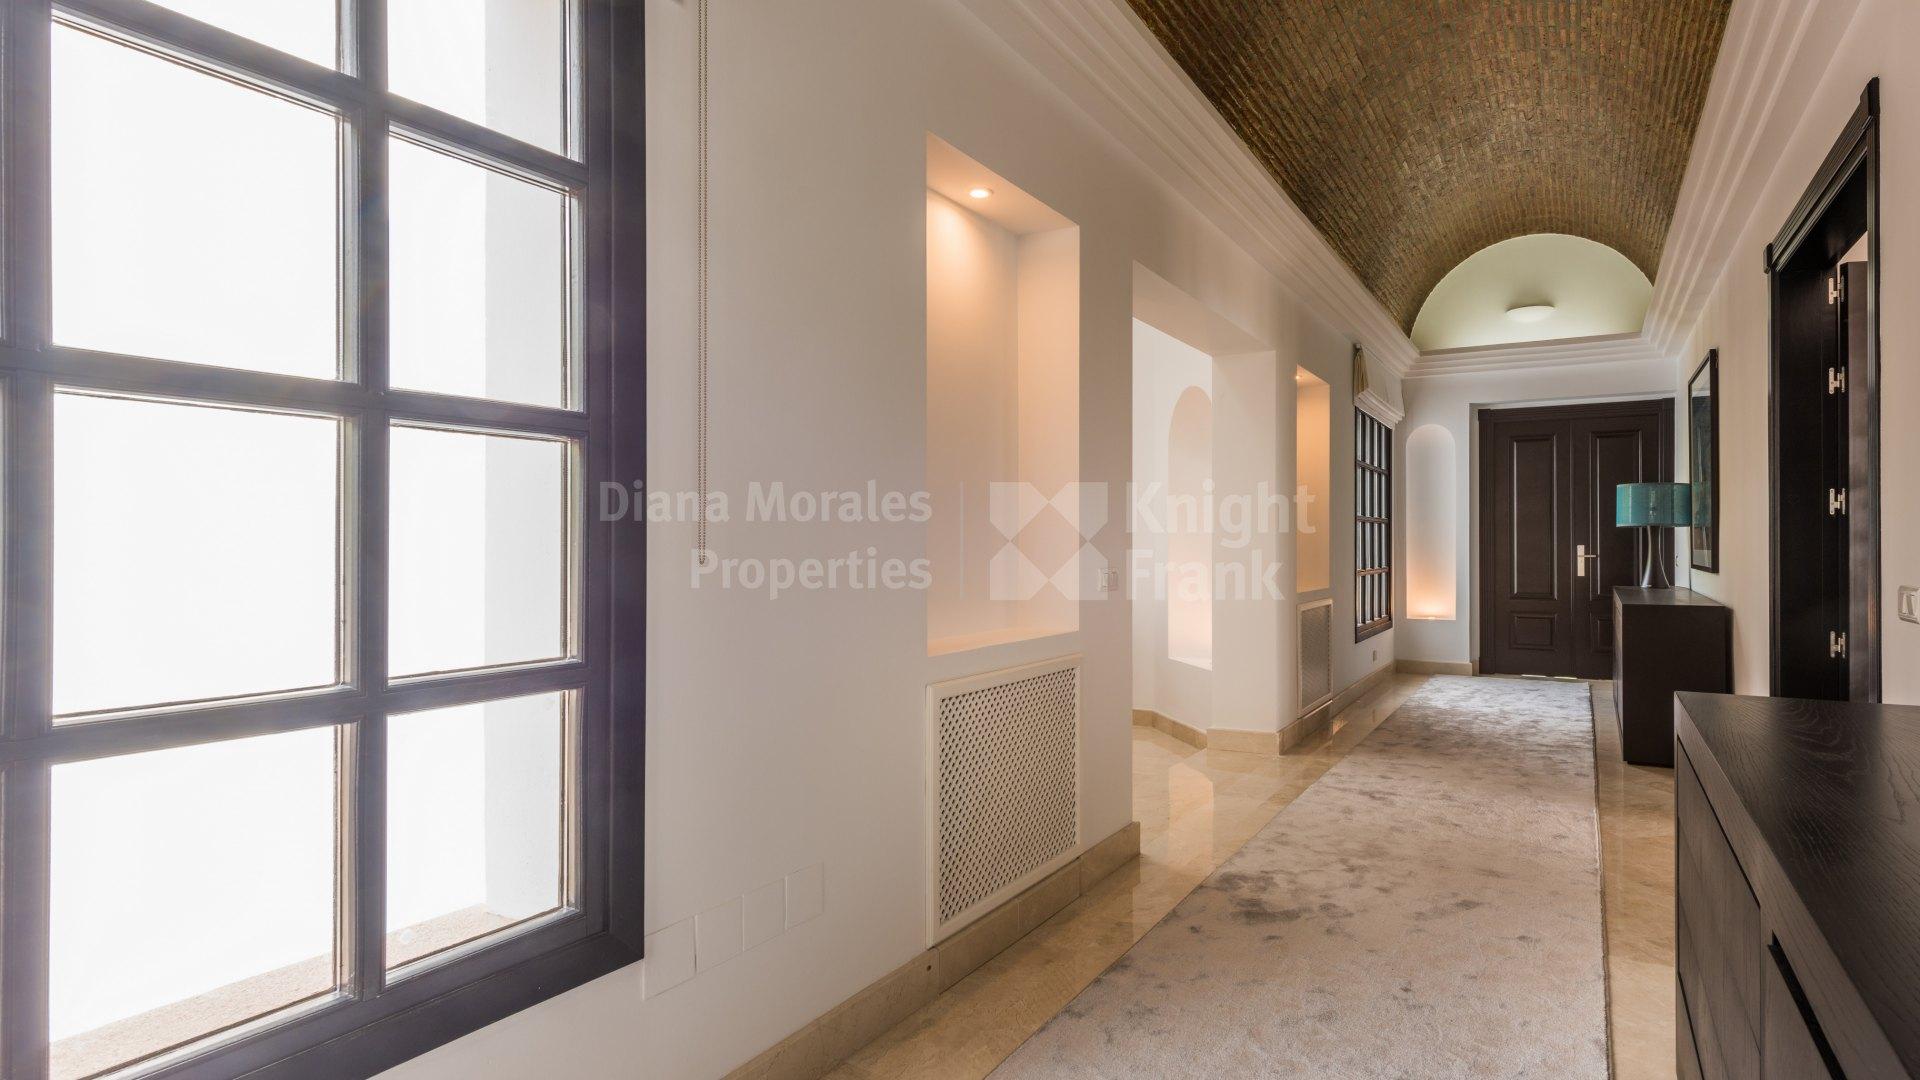 Villa de siete dormitorios en alquiler en sierra blanca for Alquiler de dormitorios